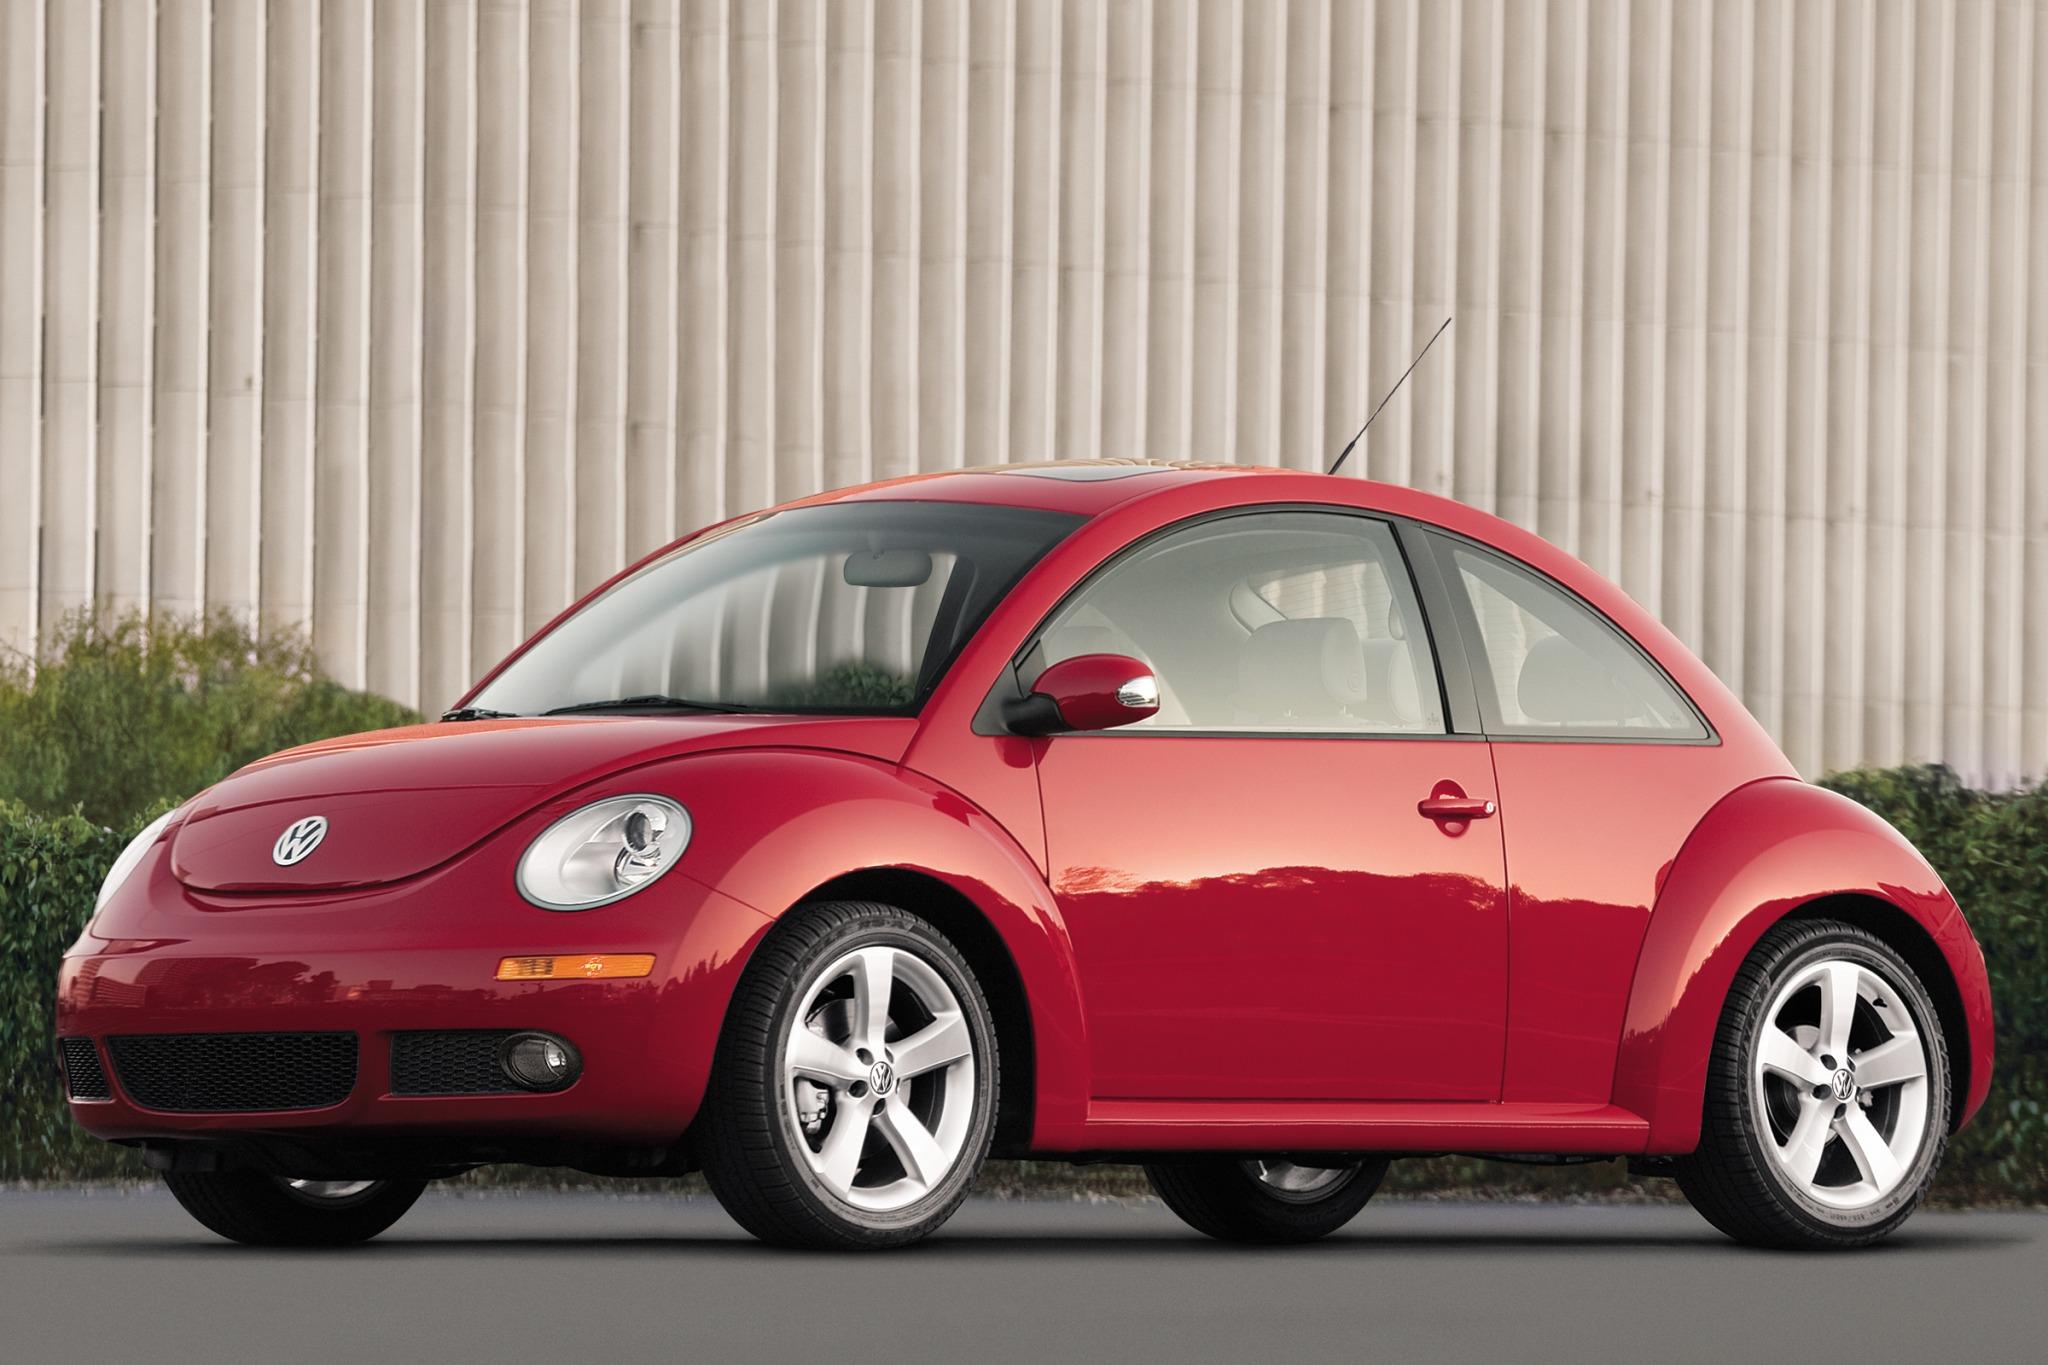 2007 volkswagen new beetle 2dr hatchback 25 fq oem 2 2048